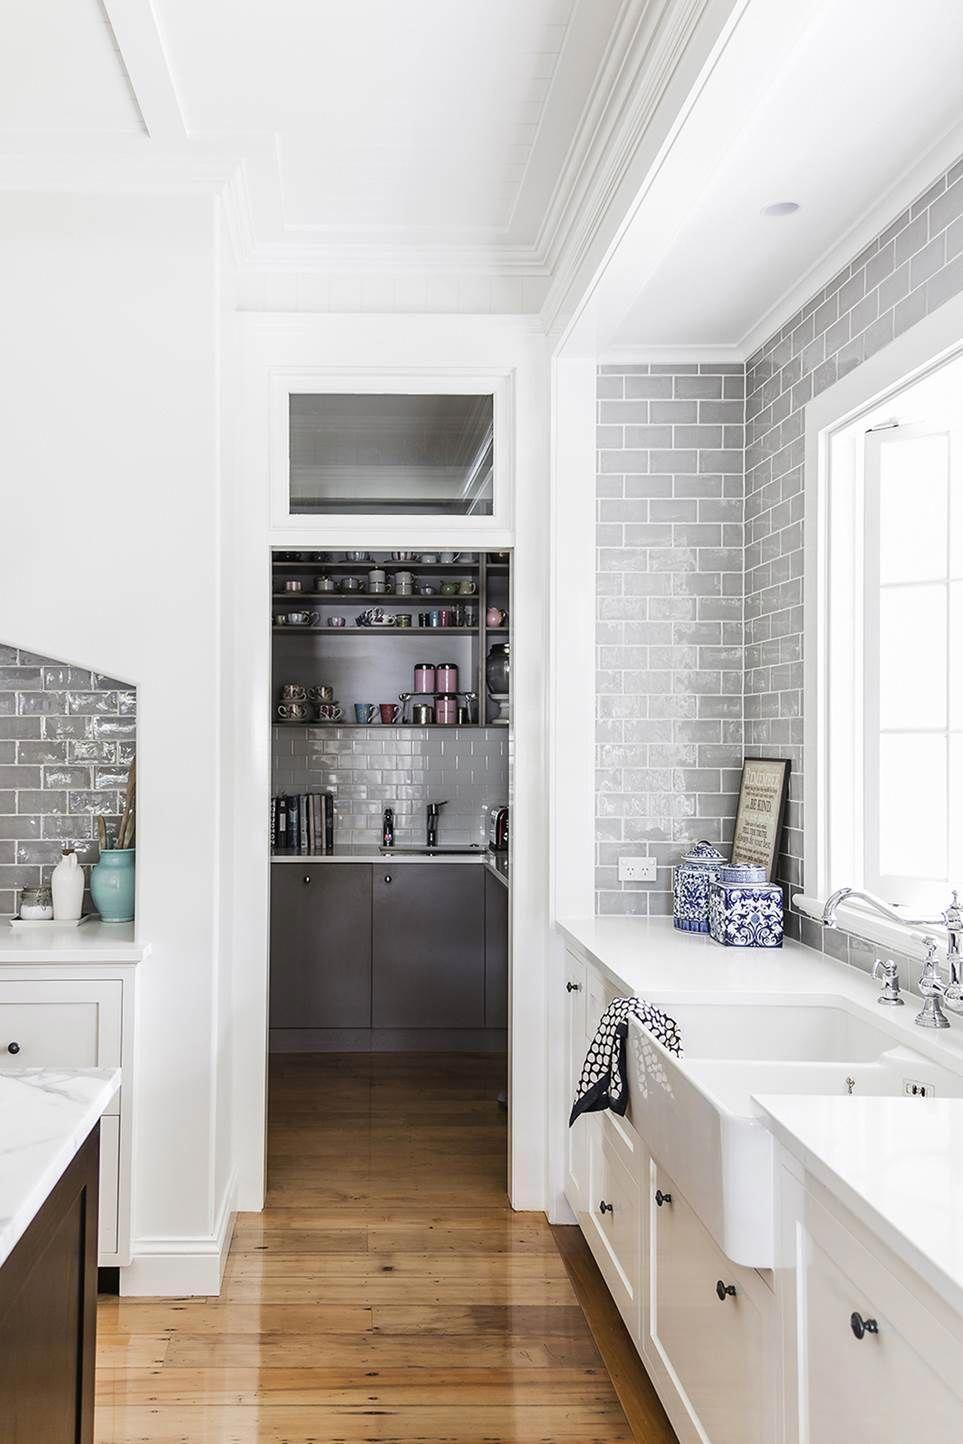 Ambitious Kitchen Farmhouse Sink Bathroom Kitchen Refacing Diy Refrigerators Kitchen Design Kitchen Styling Kitchen Flooring